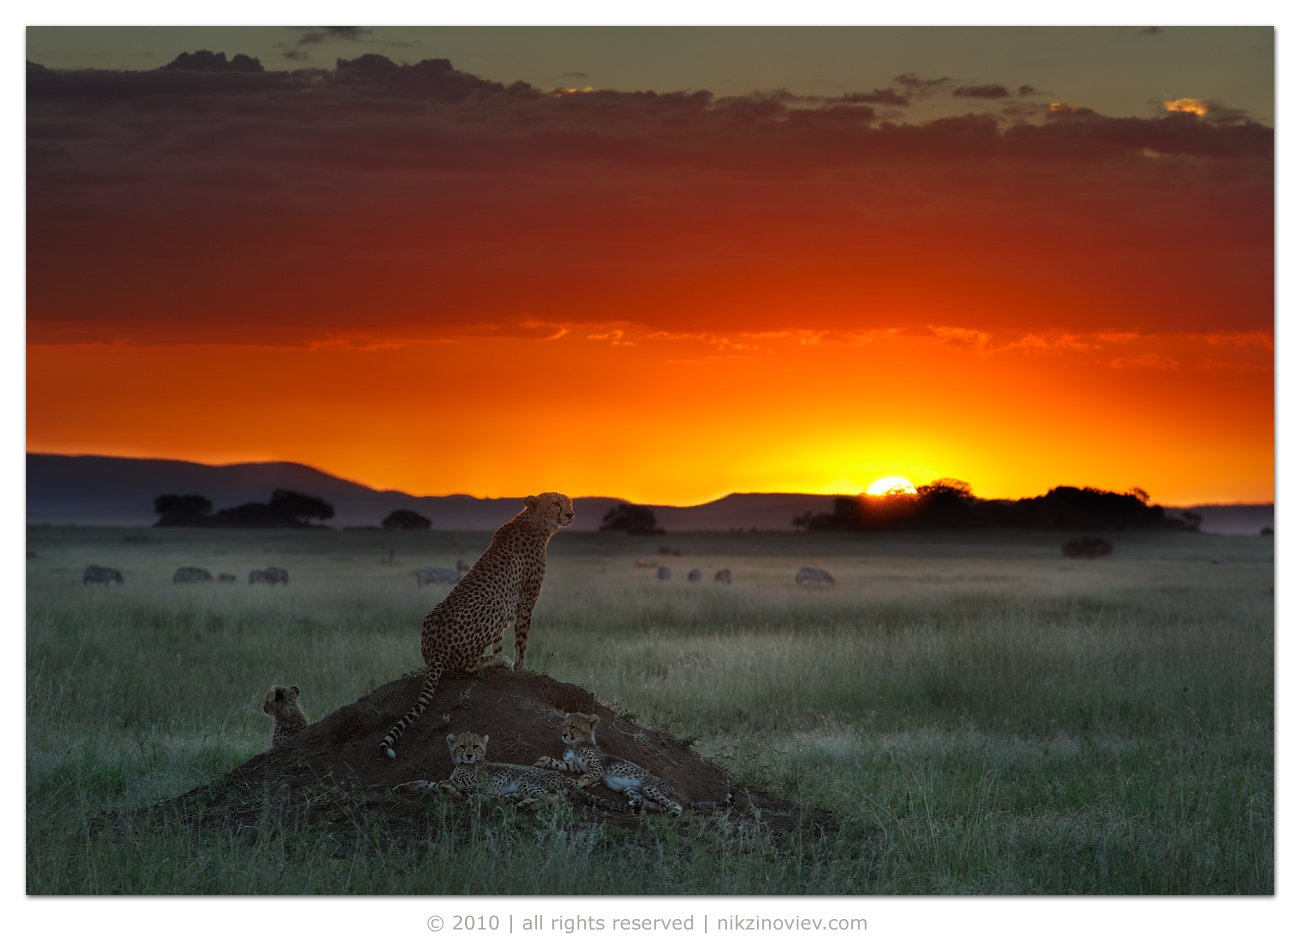 африка, , , дикие, животные, танзания, гепард, пейзаж, зиновьев, николай, Николай Зиновьев